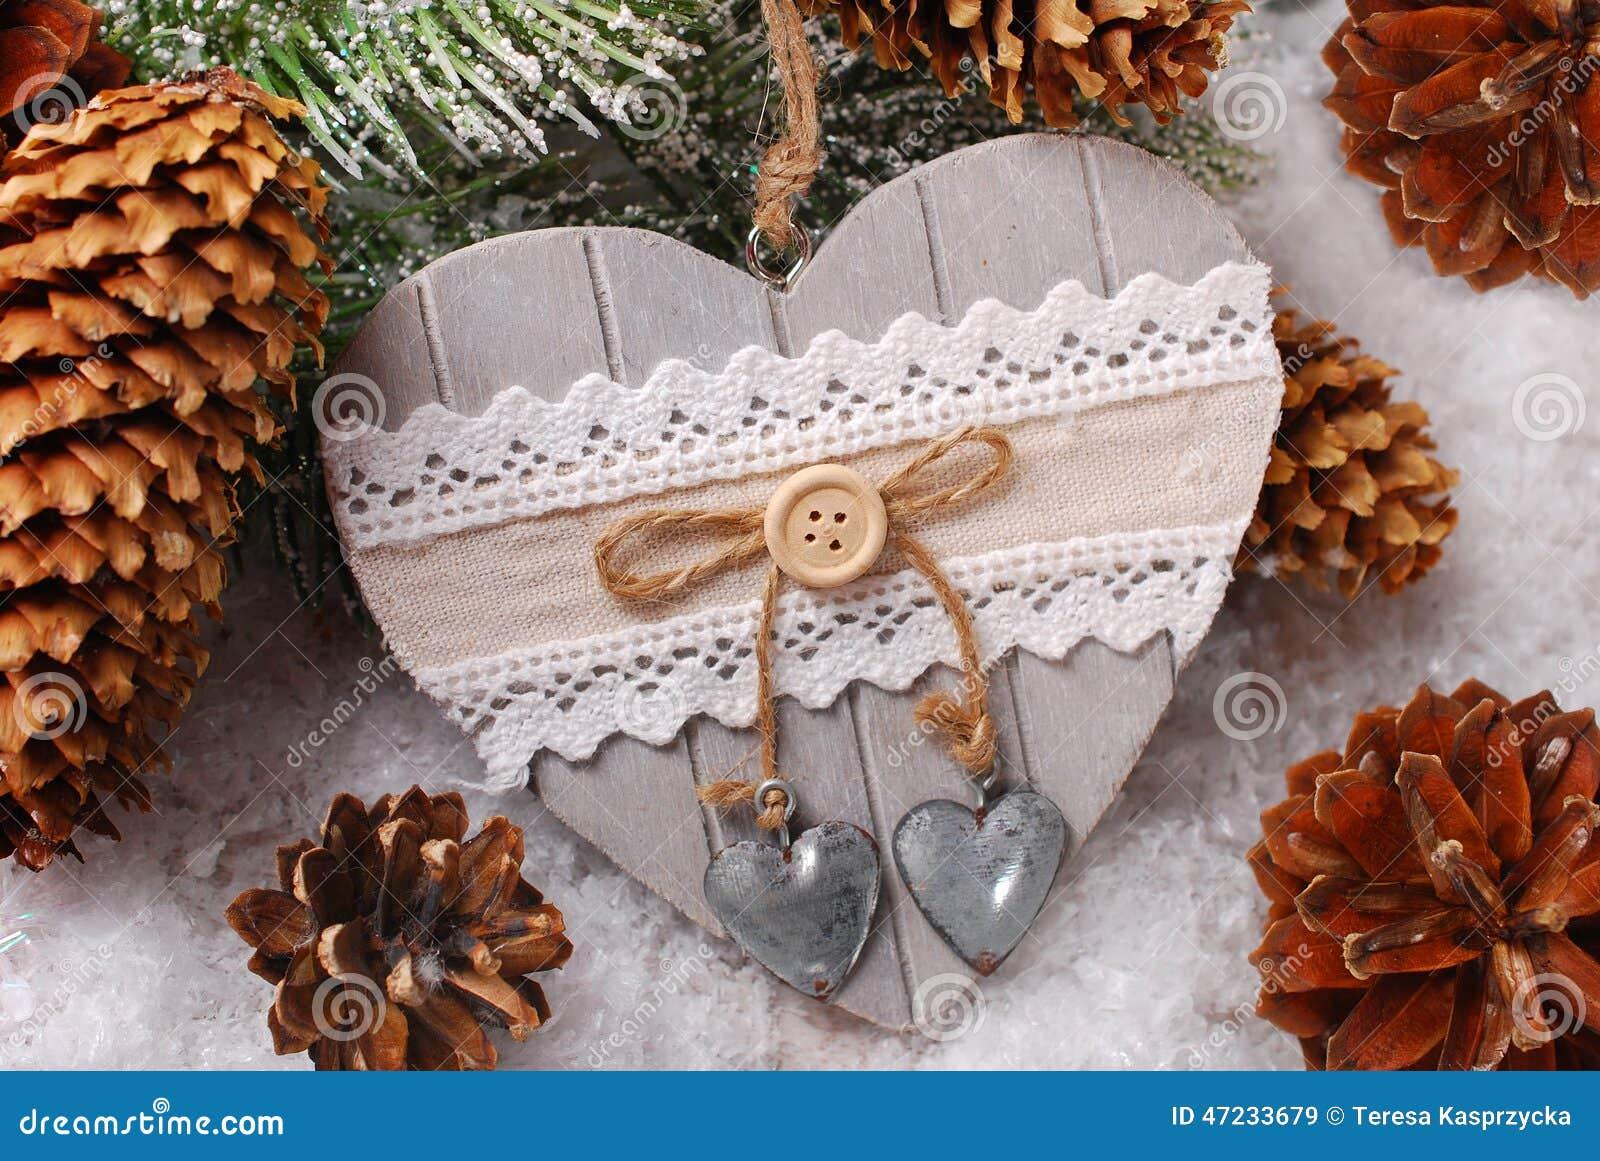 Decorazioni In Legno Natalizie : Decorazione di natale con cuore di legno immagine stock immagine